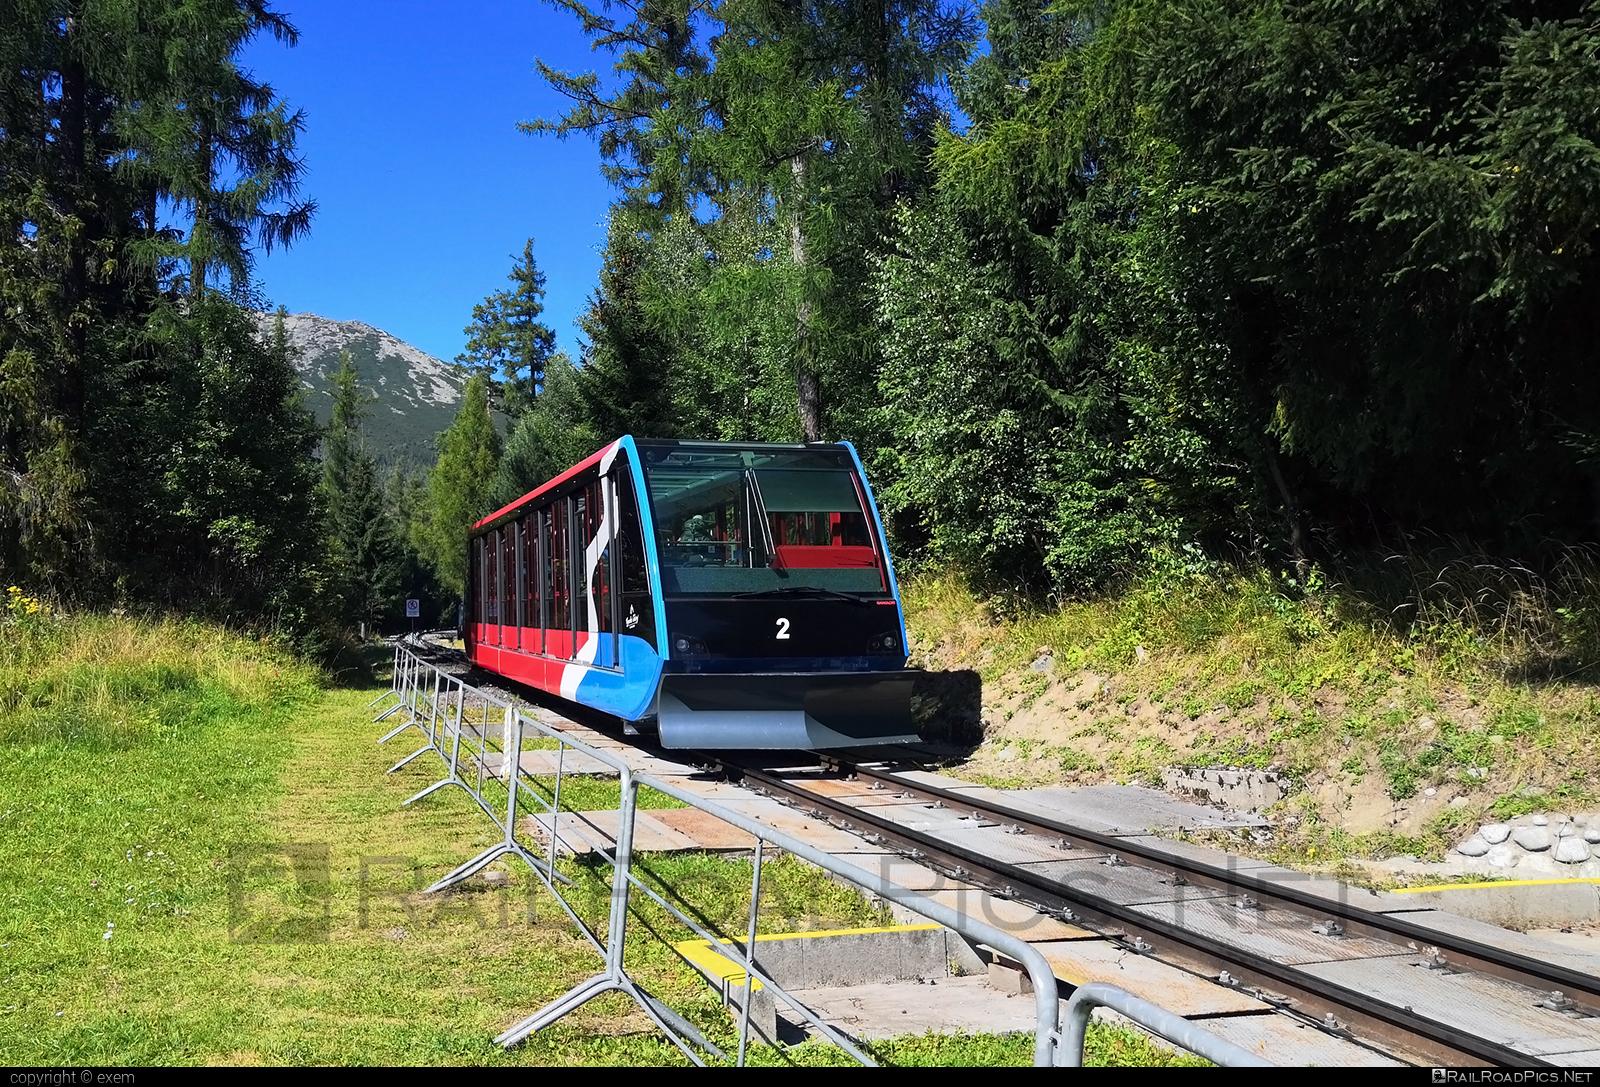 Gangloff TLD funicular car - 2 operated by Tatry mountain resorts, a.s. #TatryMountainResorts #gangloff #ganglofftld #tmr